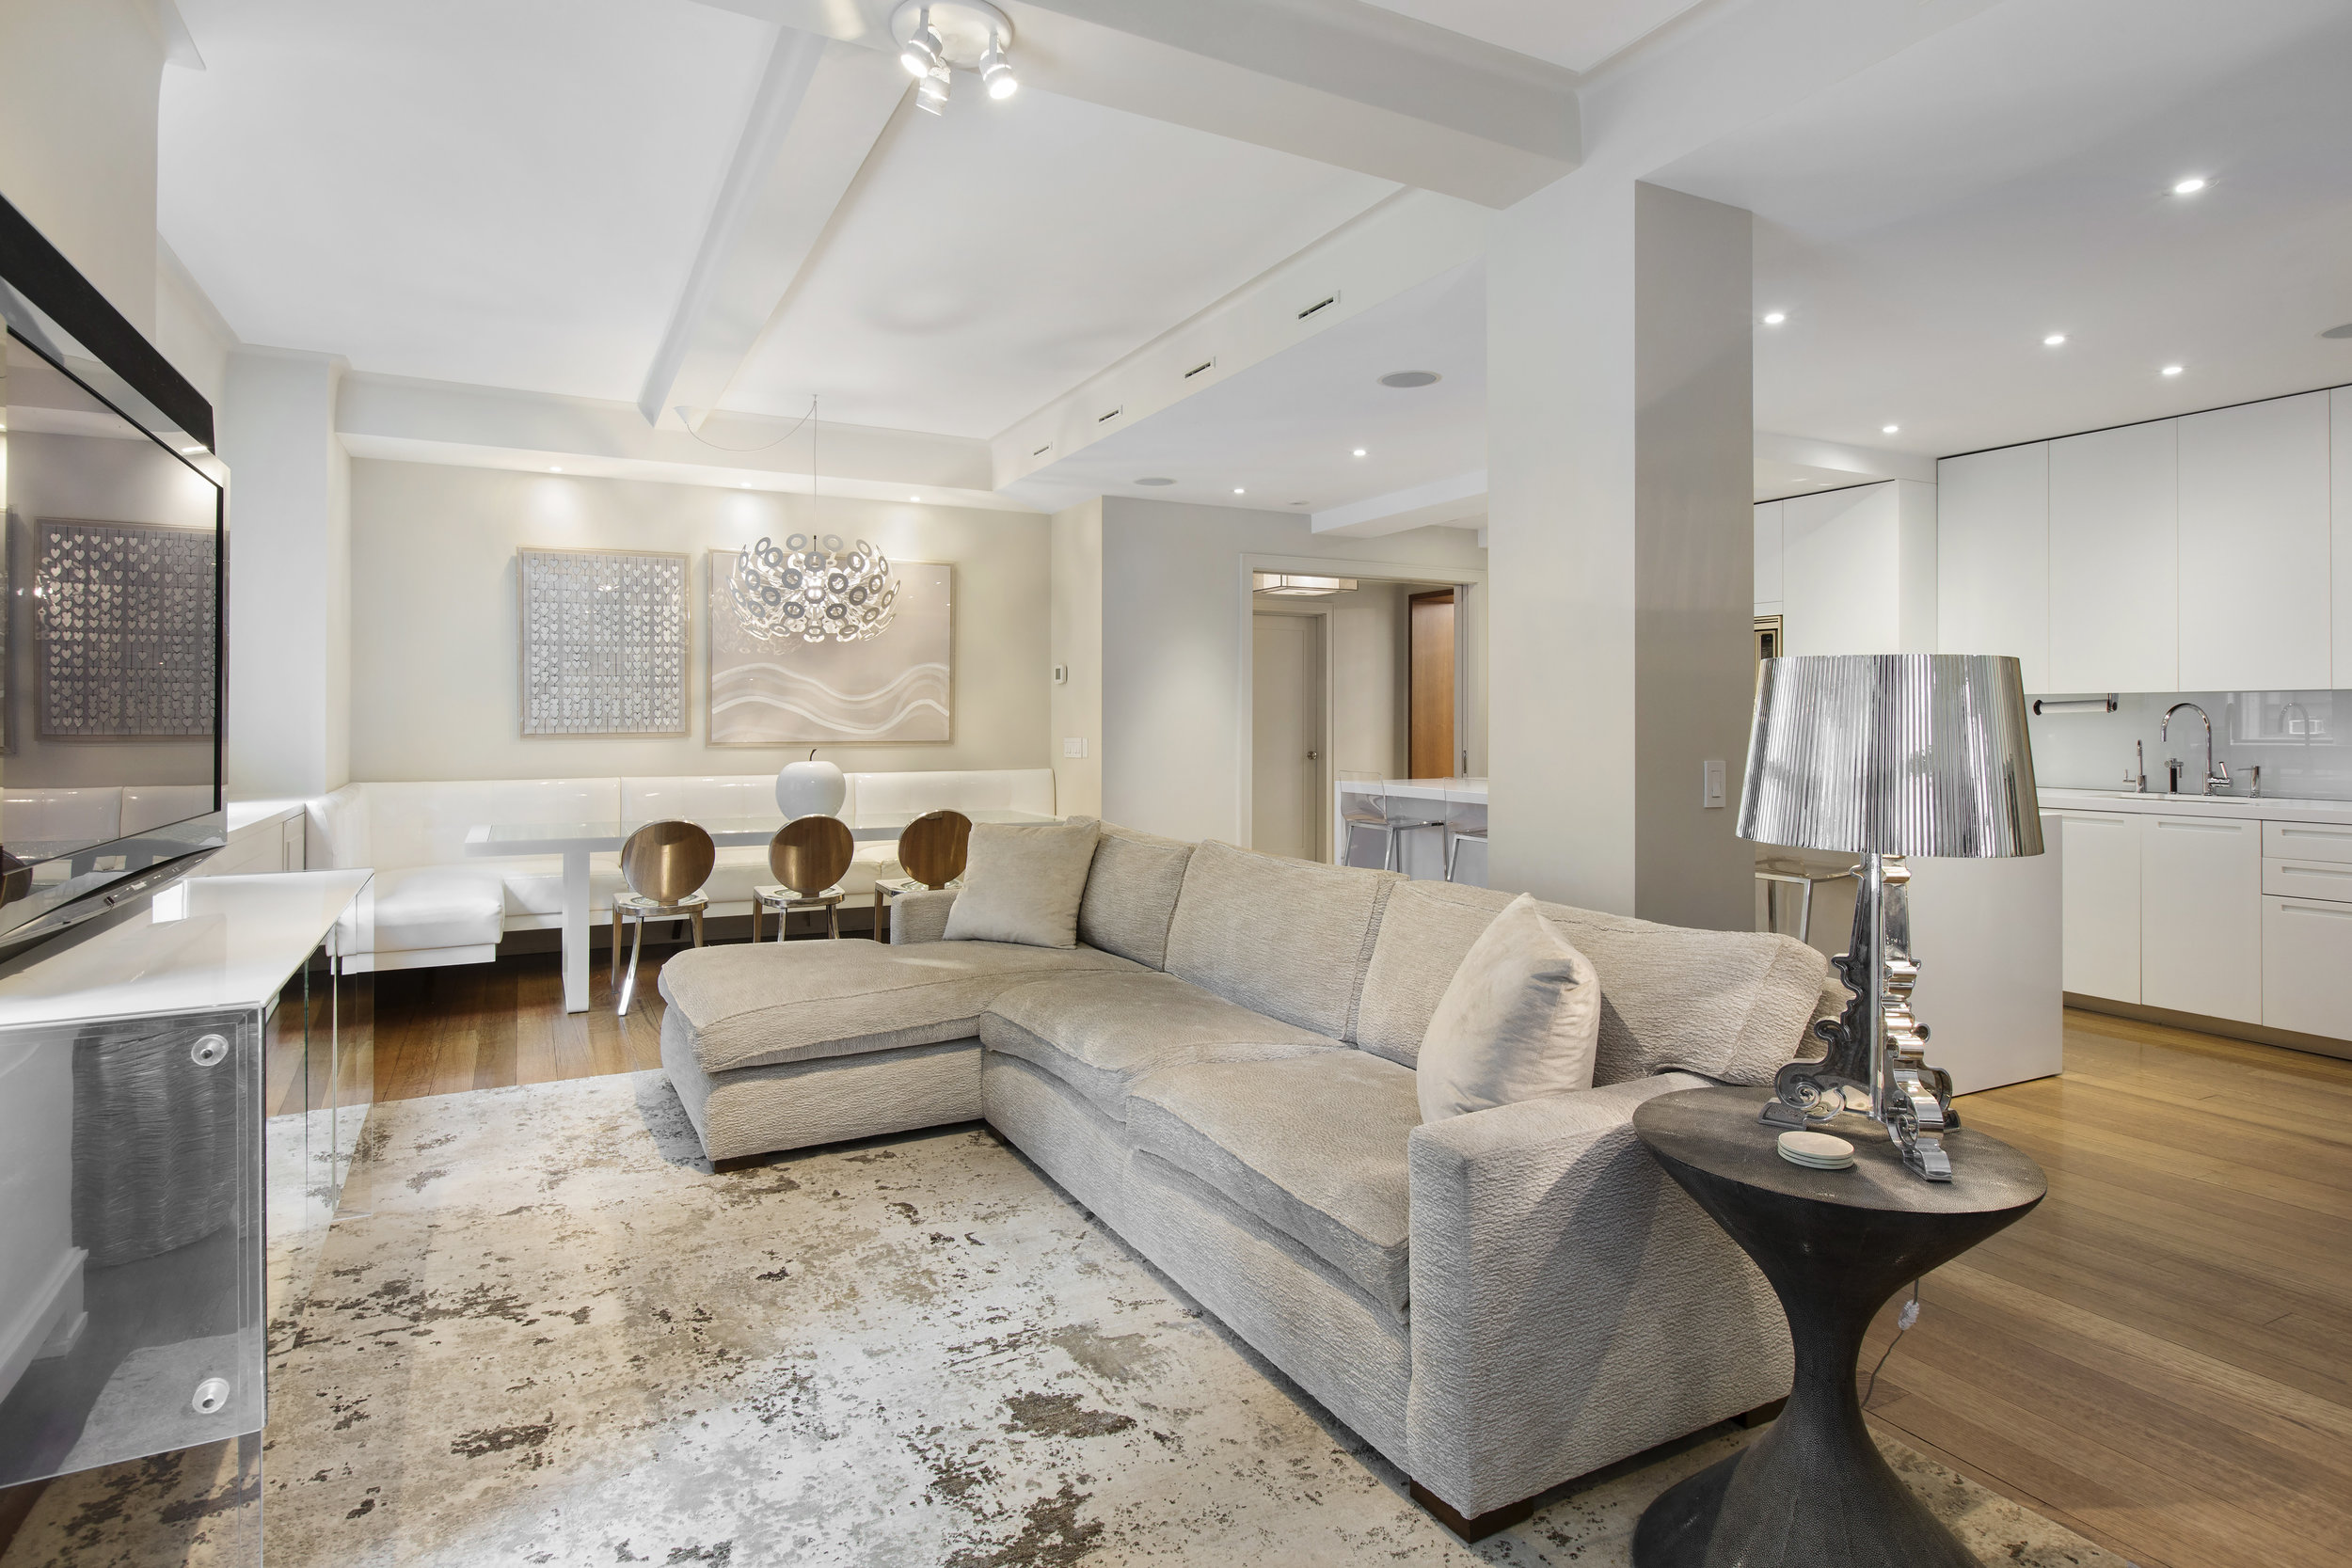 595 West End Avenue 45 Tour a Lavish Pre-War Duplex On The Upper West Side Asking $9,500,000